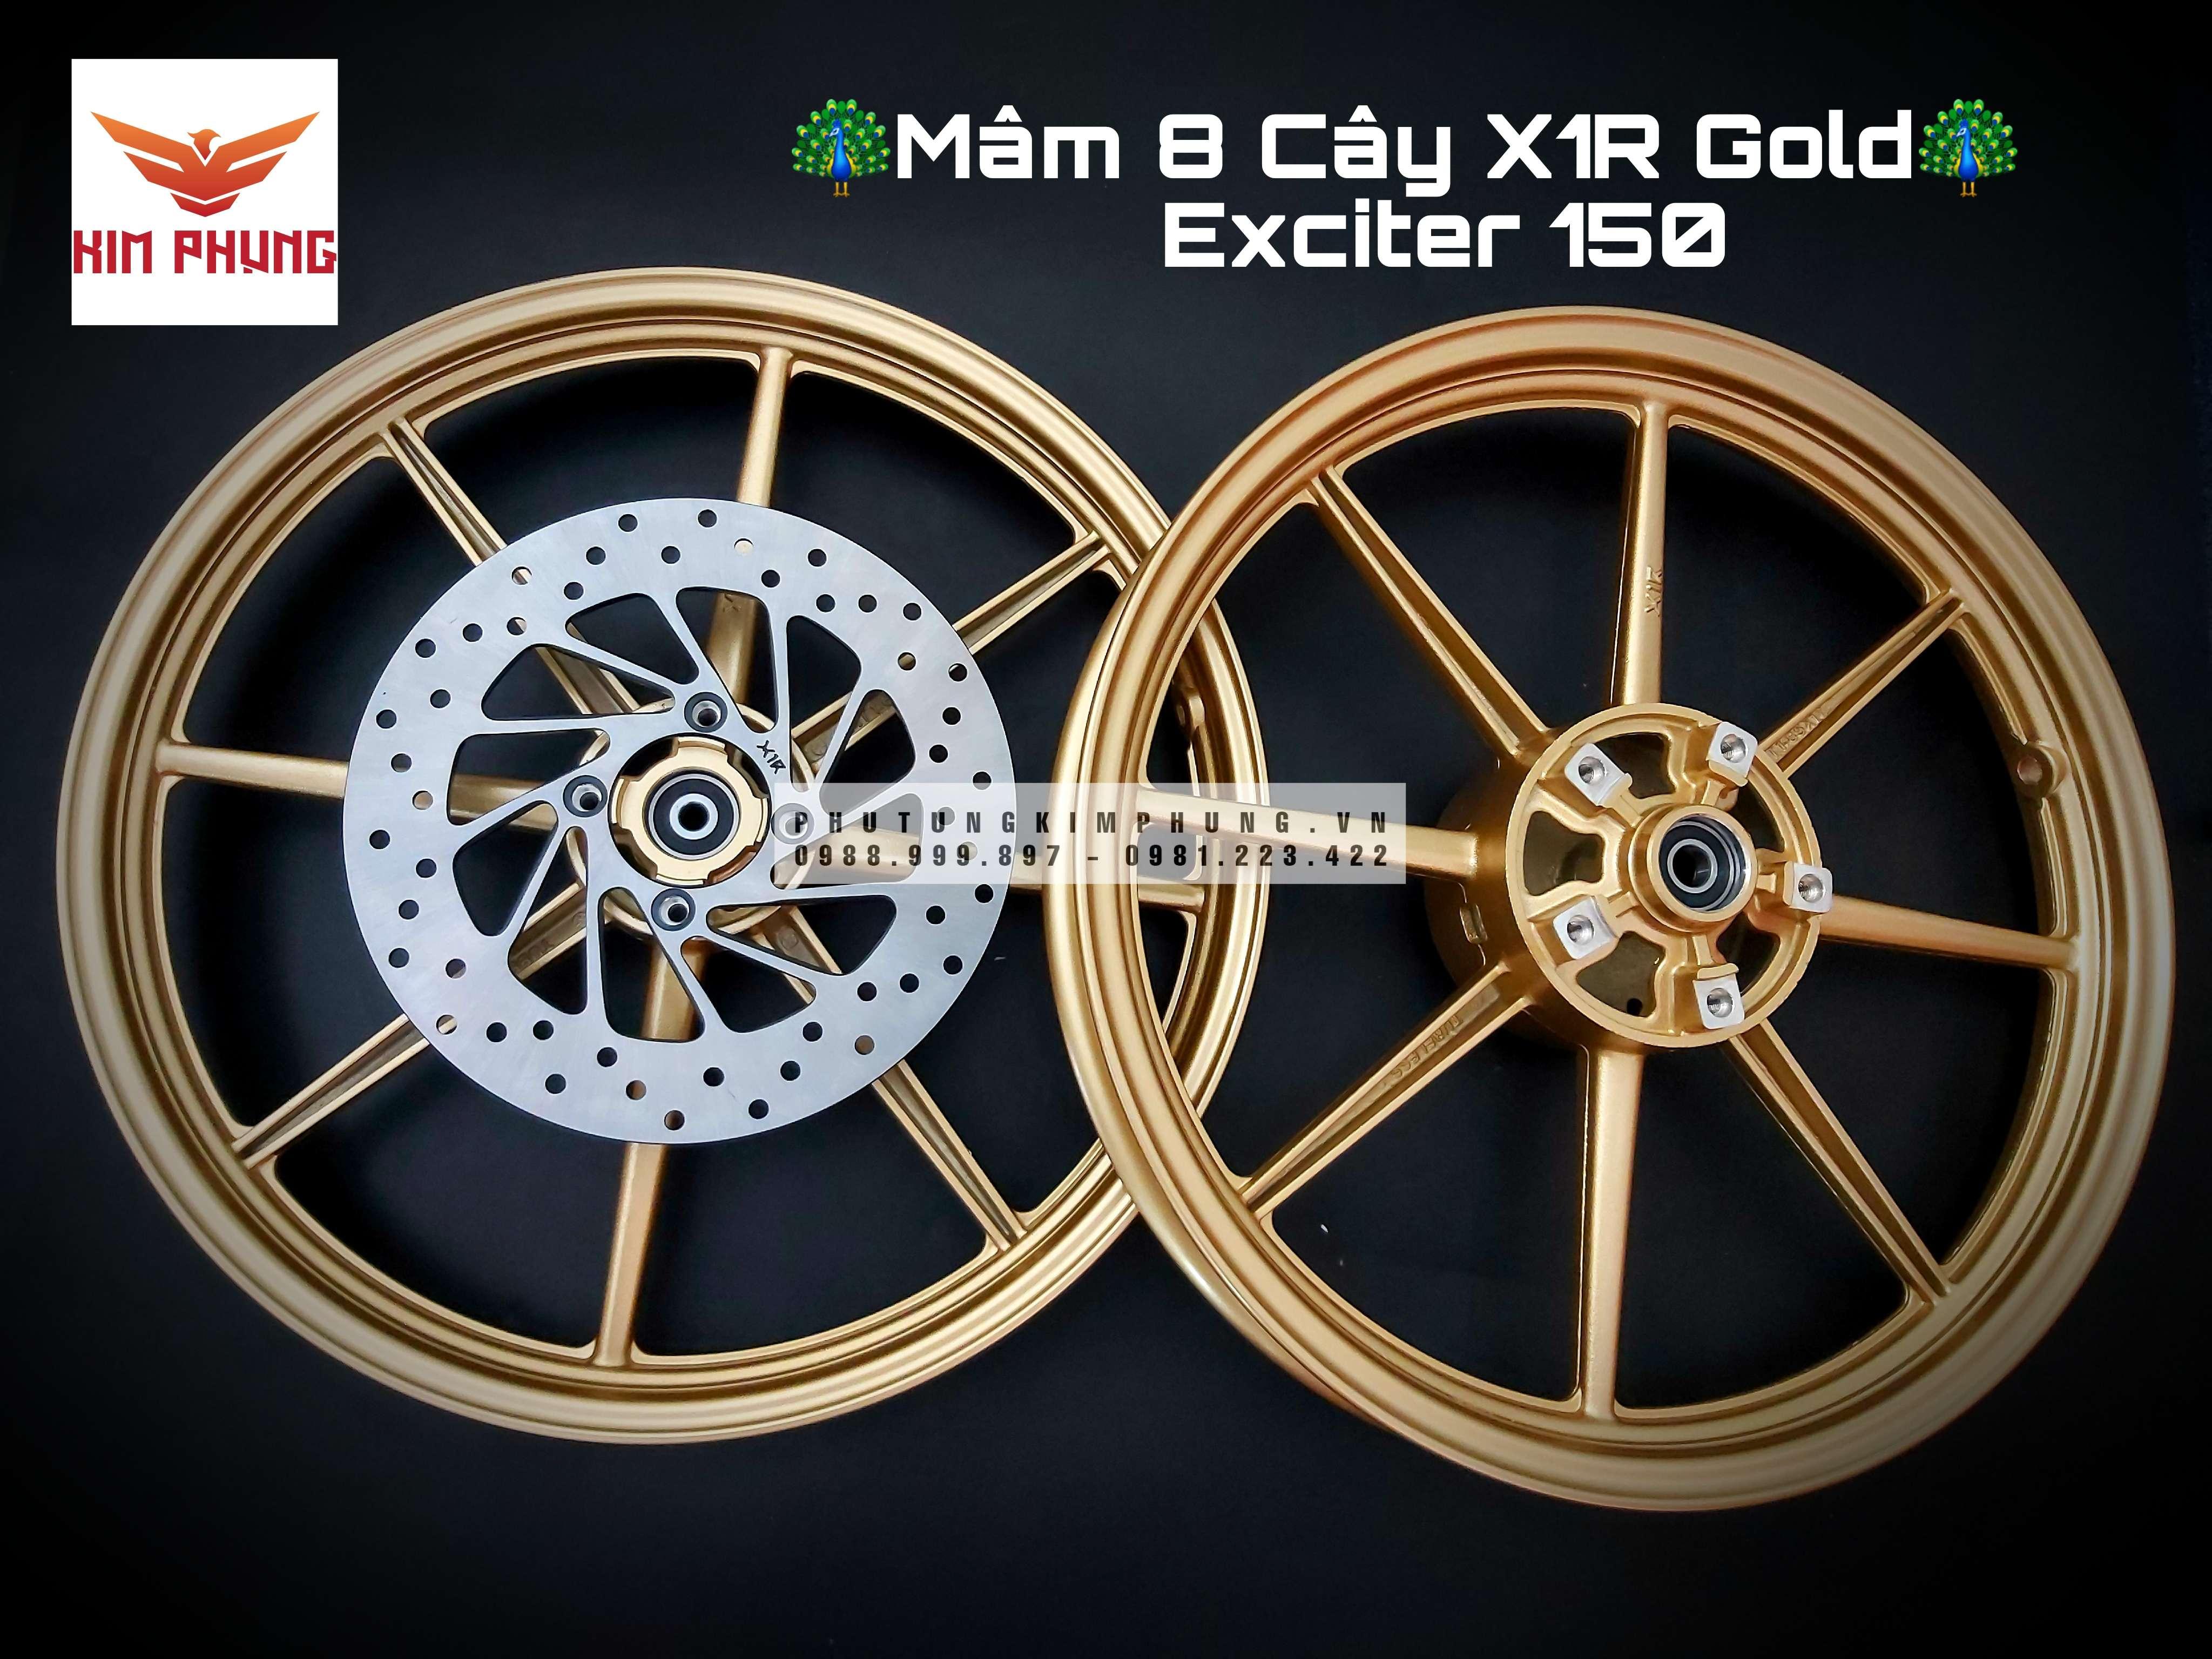 MÂM 8 CÂY EXCITER 150 X1R